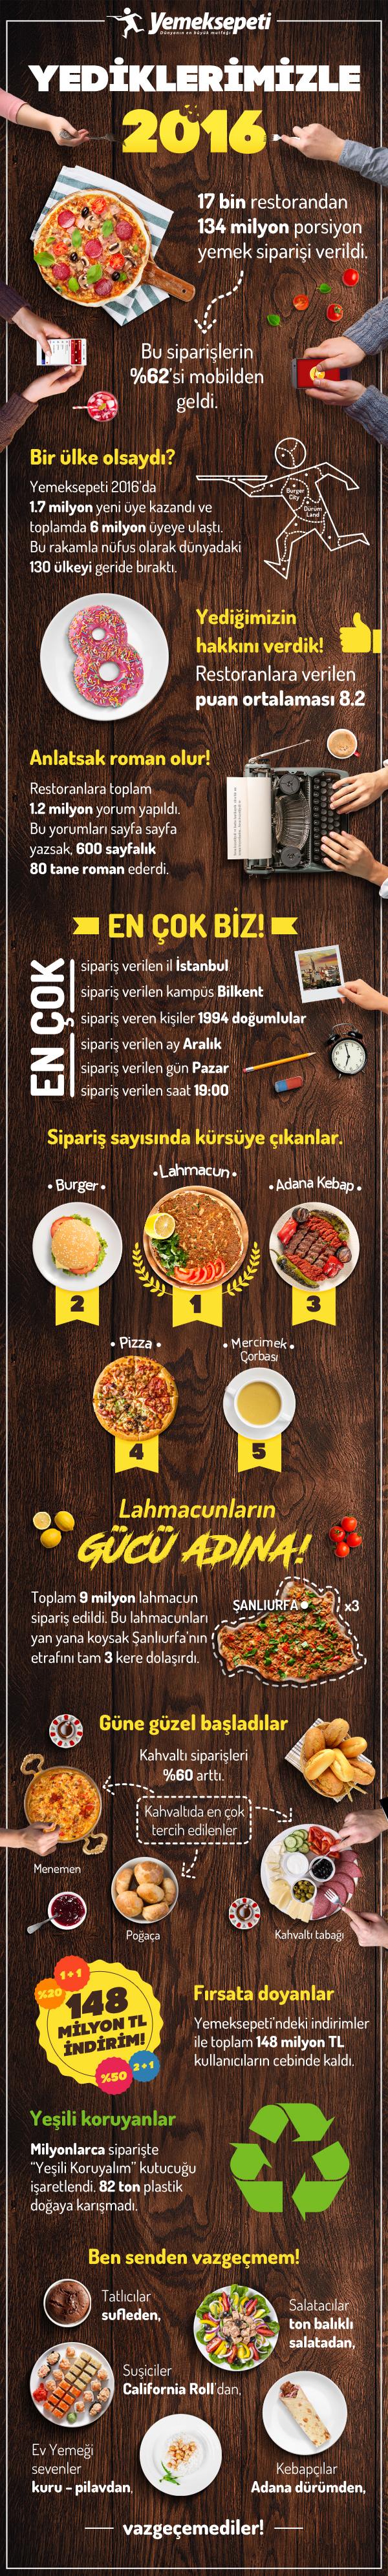 Yemeksepeti İnfografik - Yediklerimizle 2016